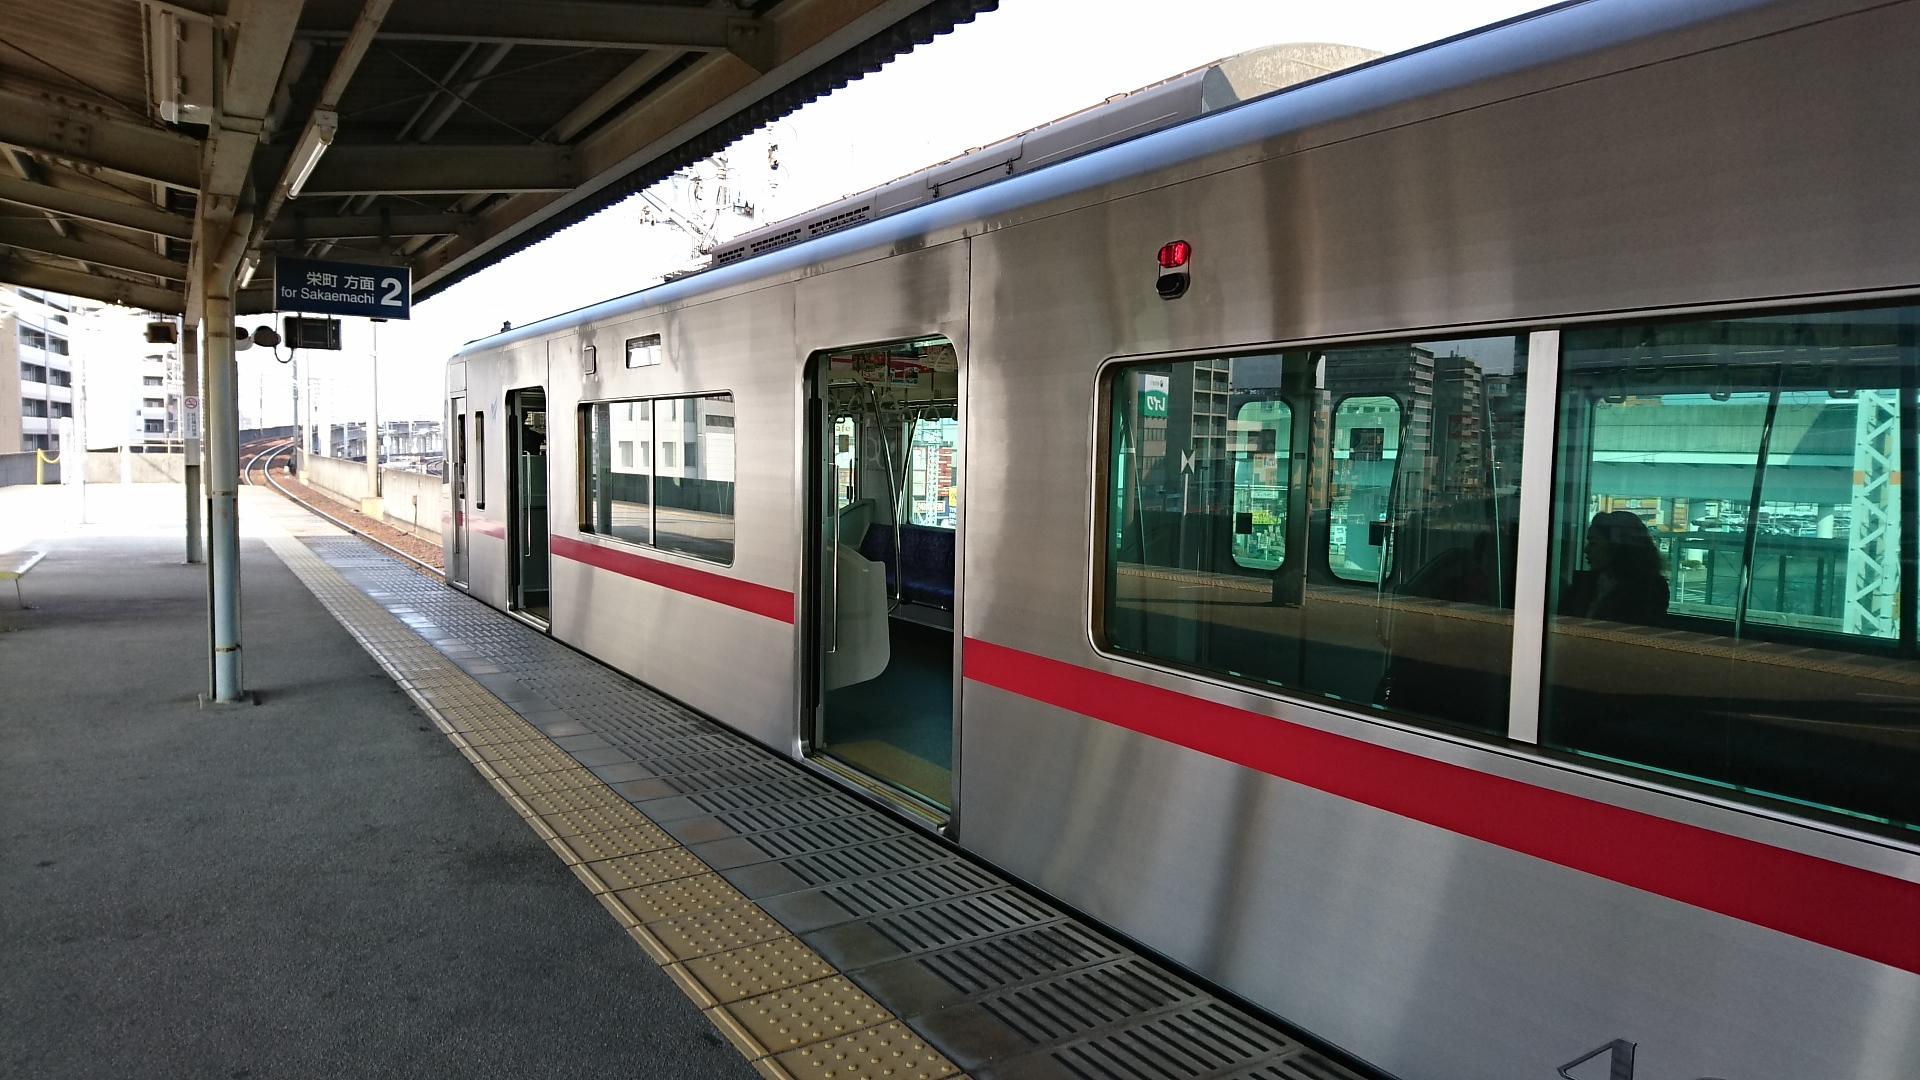 2017.3.12 名古屋 (28) 大曽根 - 栄町いきふつう 1920-1080